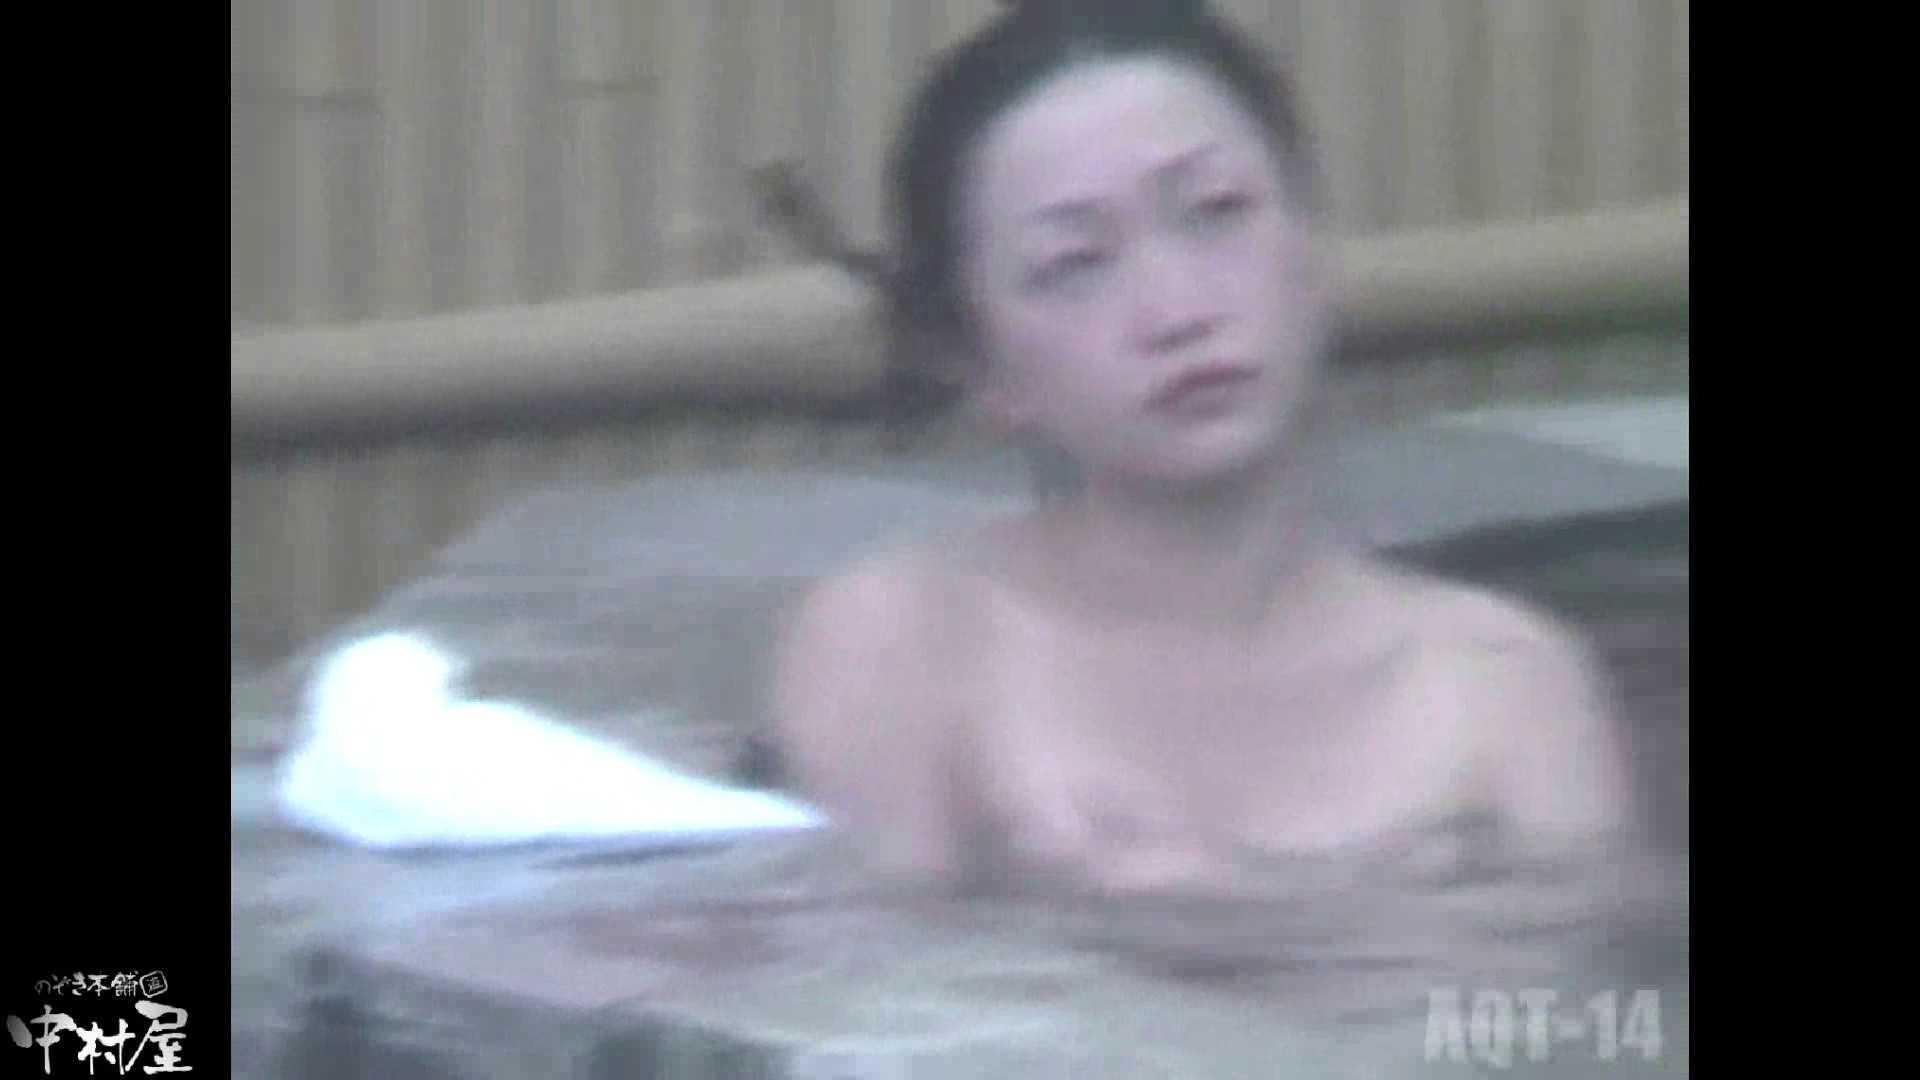 Aquaな露天風呂Vol.878潜入盗撮露天風呂十四判湯 其の七 盗撮師作品  70pic 20